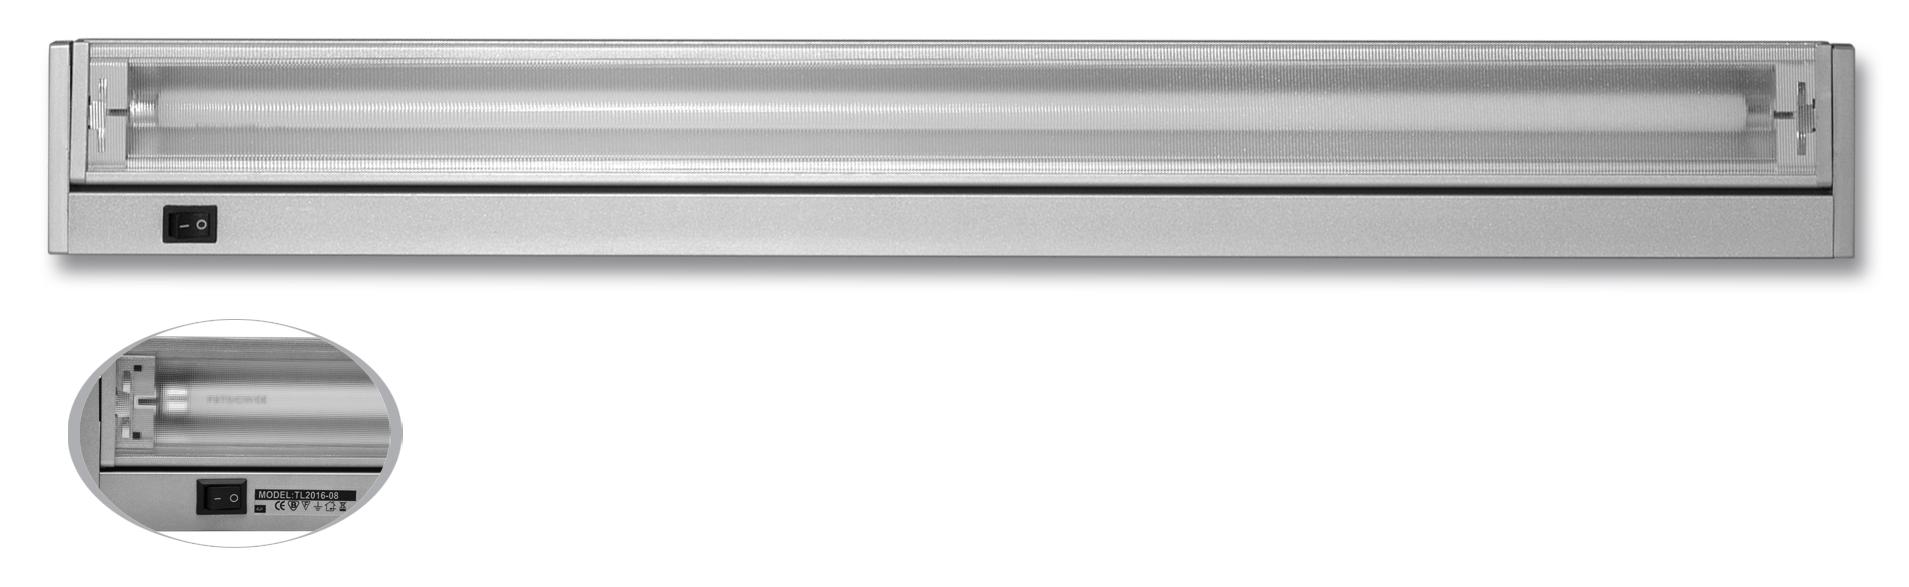 Ecolite TL2016-21 (Svietidlo žiarivkové 21W výklopné)